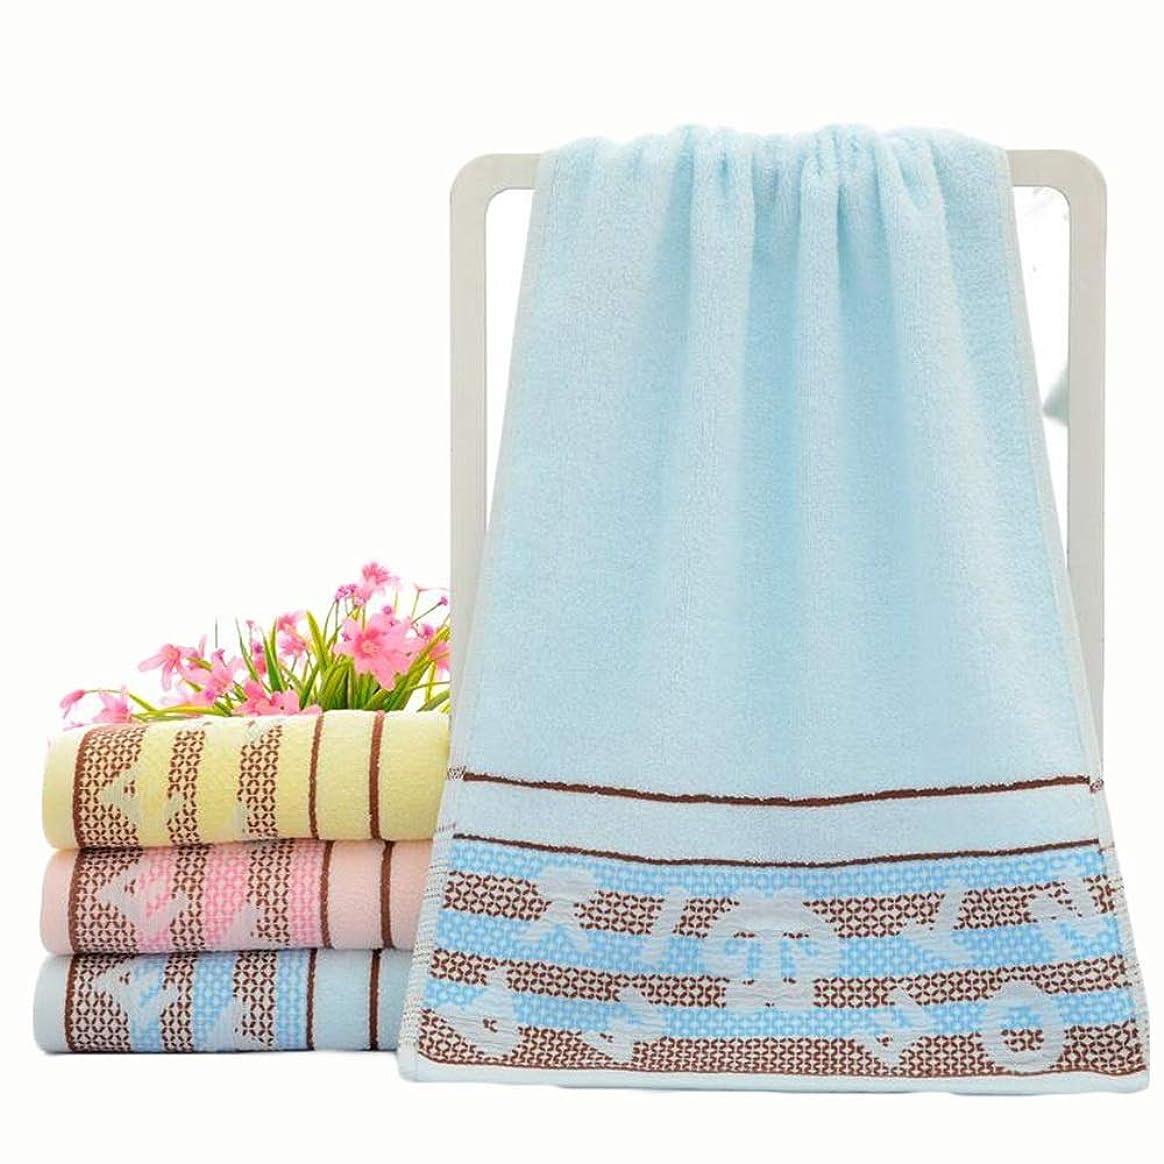 バーガー水っぽい腐敗したCXUNKK 2PCS / LOT家庭用綿洗いソフト吸収カップルタオル (Color : Blue)